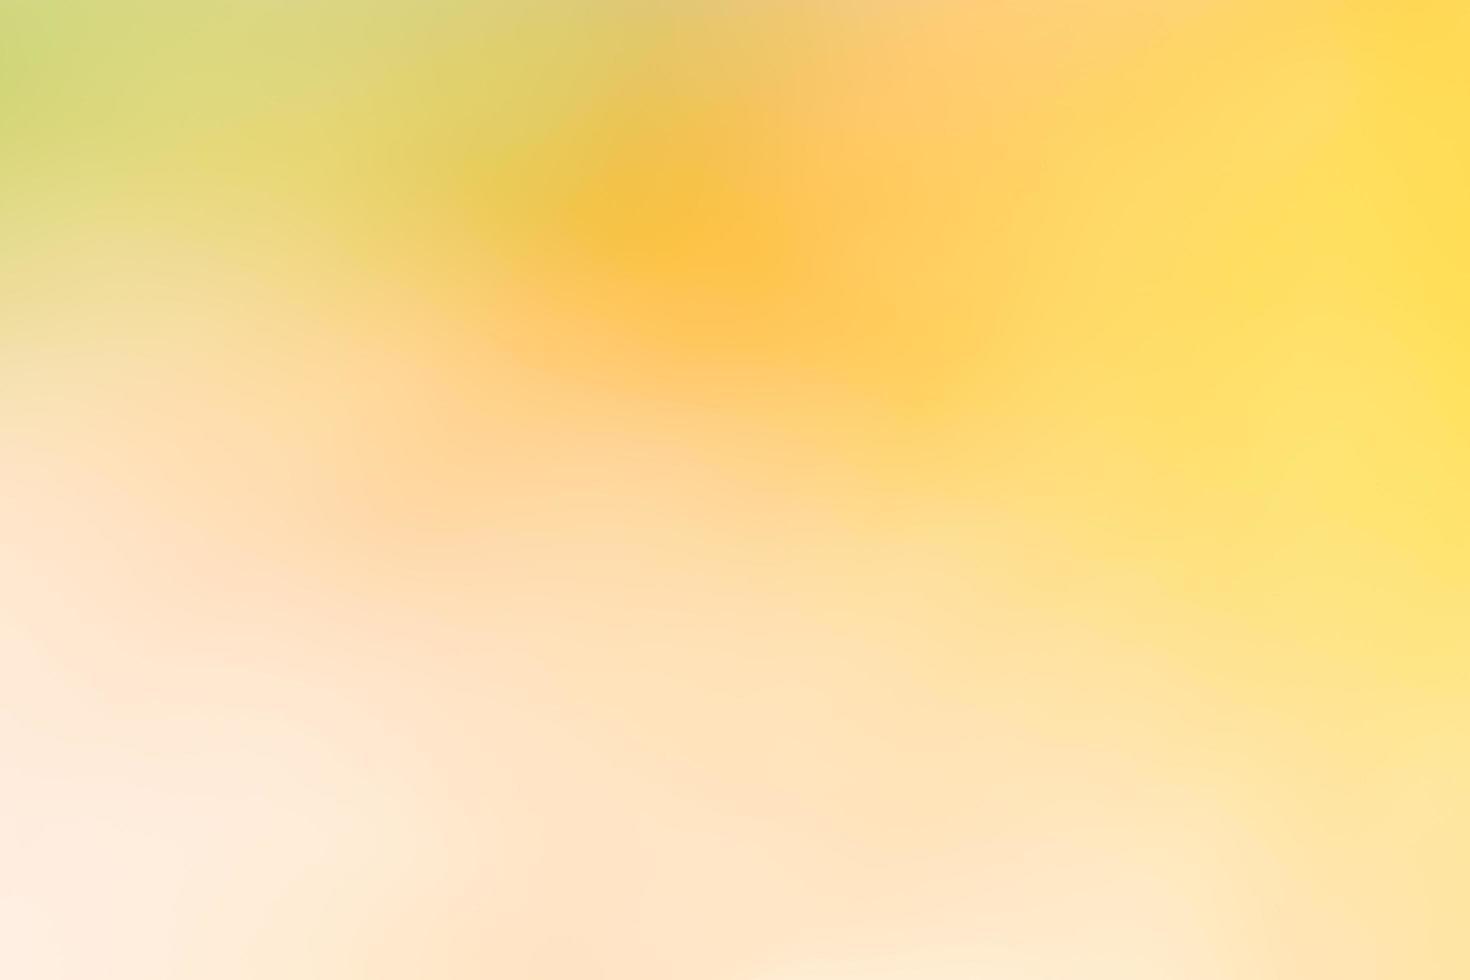 abstrakter unscharfer Hintergrund foto